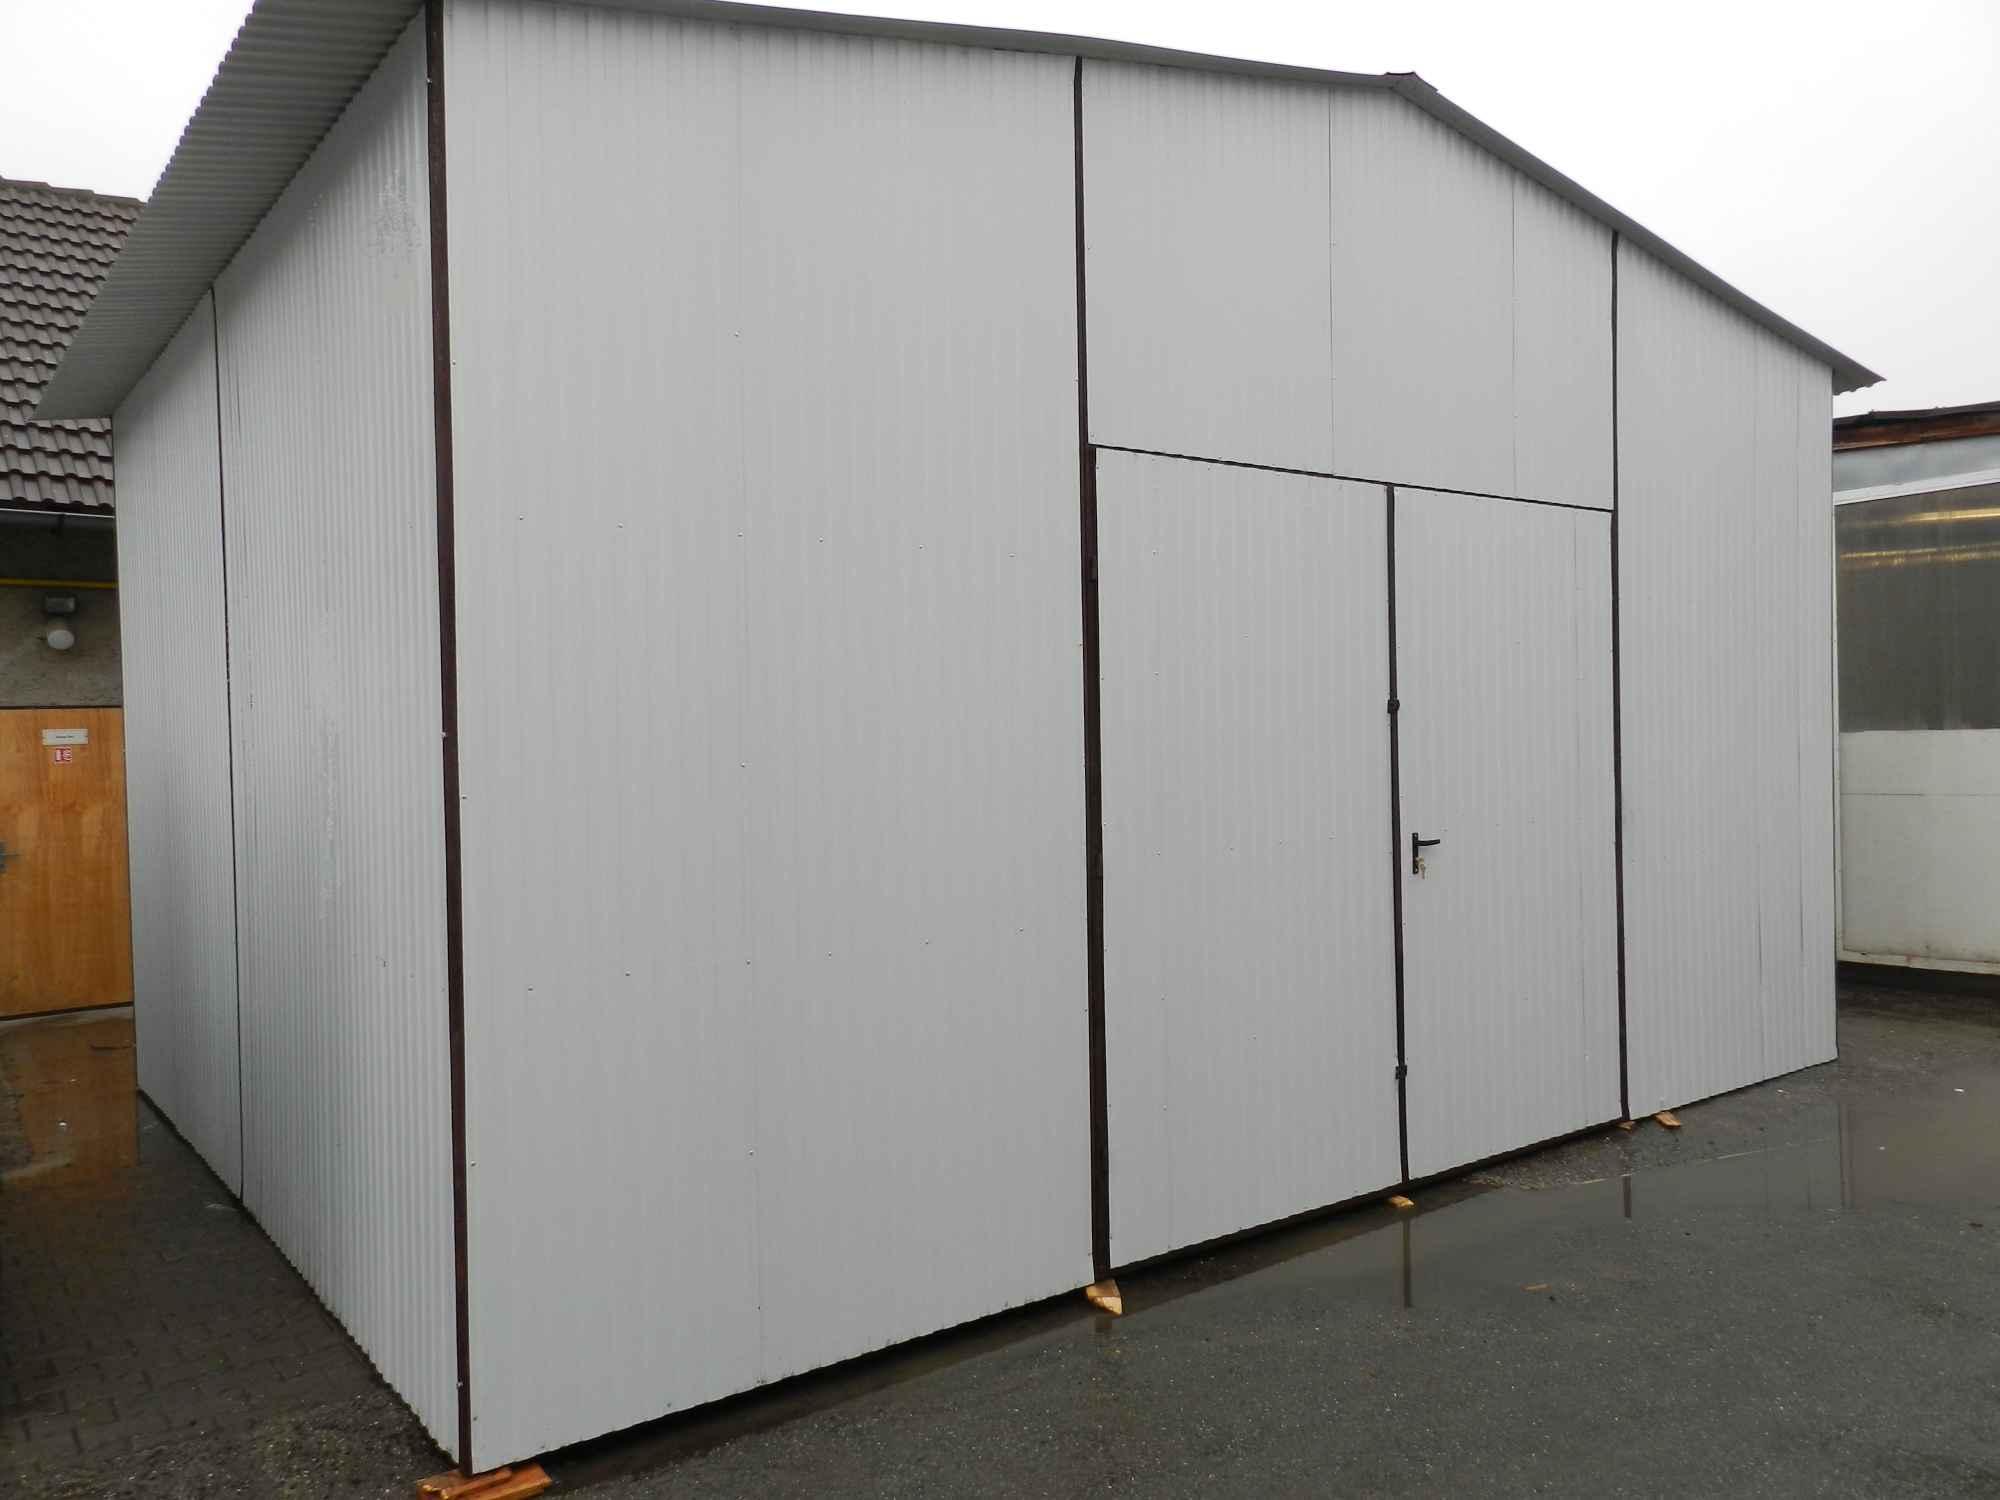 Garaże blaszane, blaszaki, schowki budowlane, kojce,wiaty, hale. Szczecin - zdjęcie 4